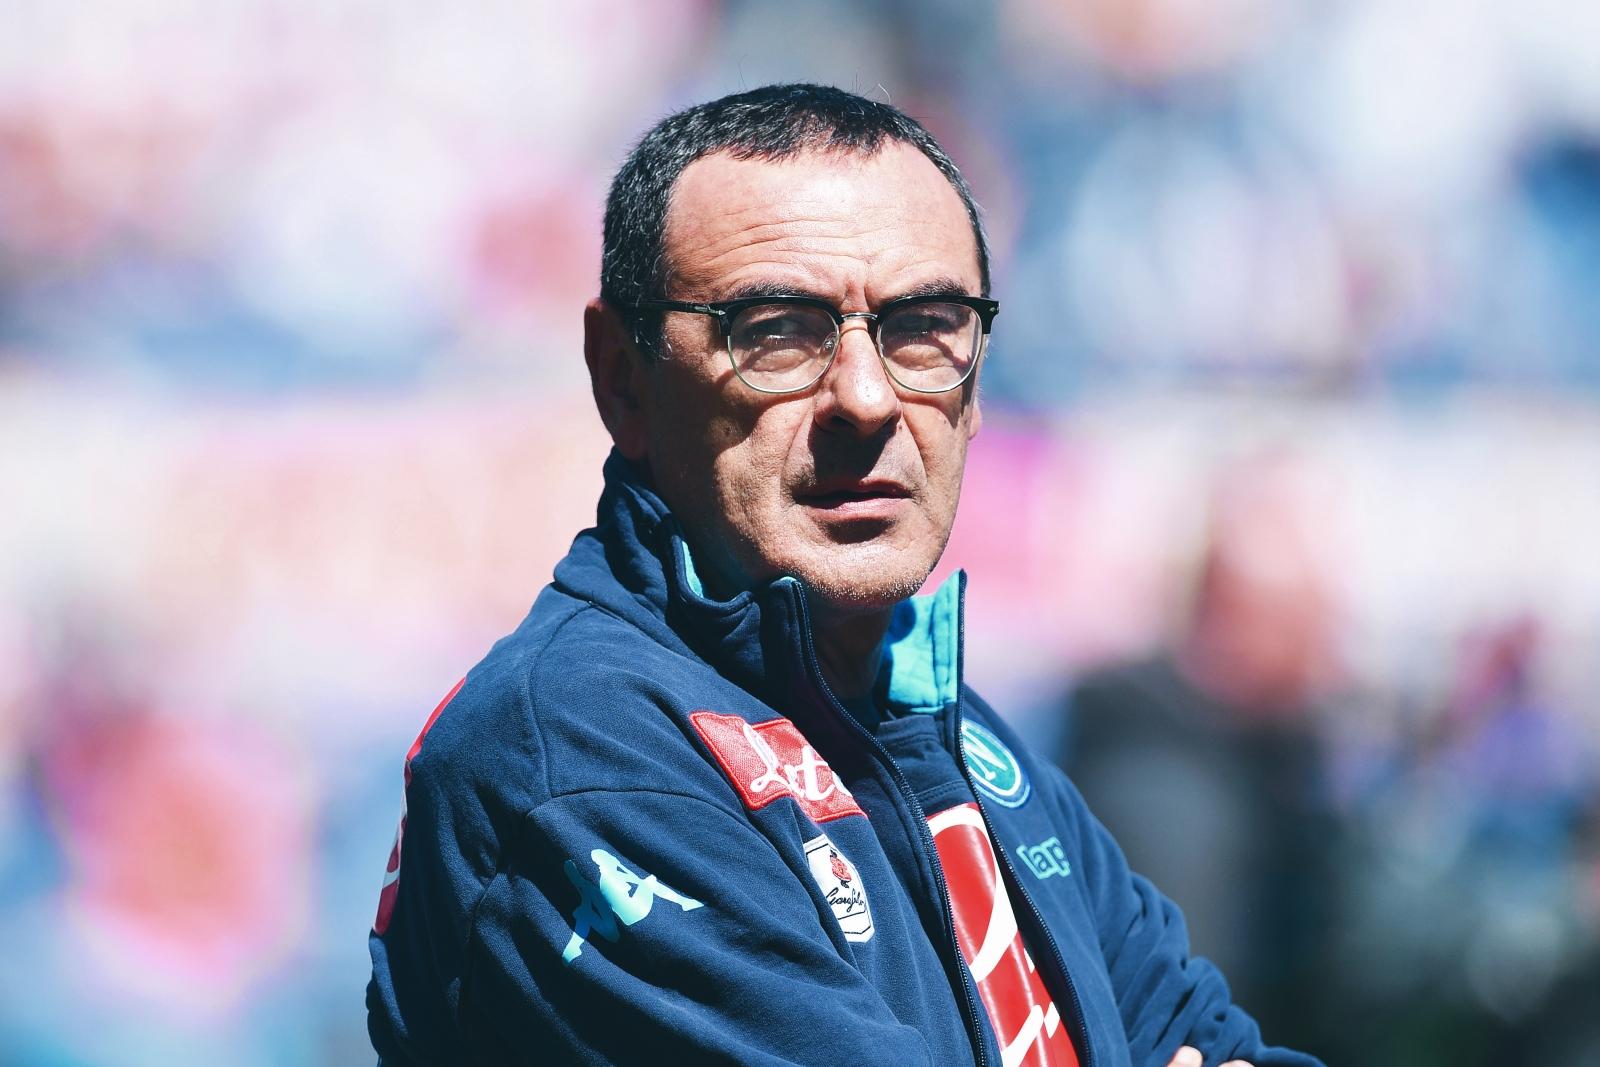 Maurizio Sarri, nguyên nhân khiến các cầu thủ thấy Napoli phải 'chạy dài' - Bóng Đá